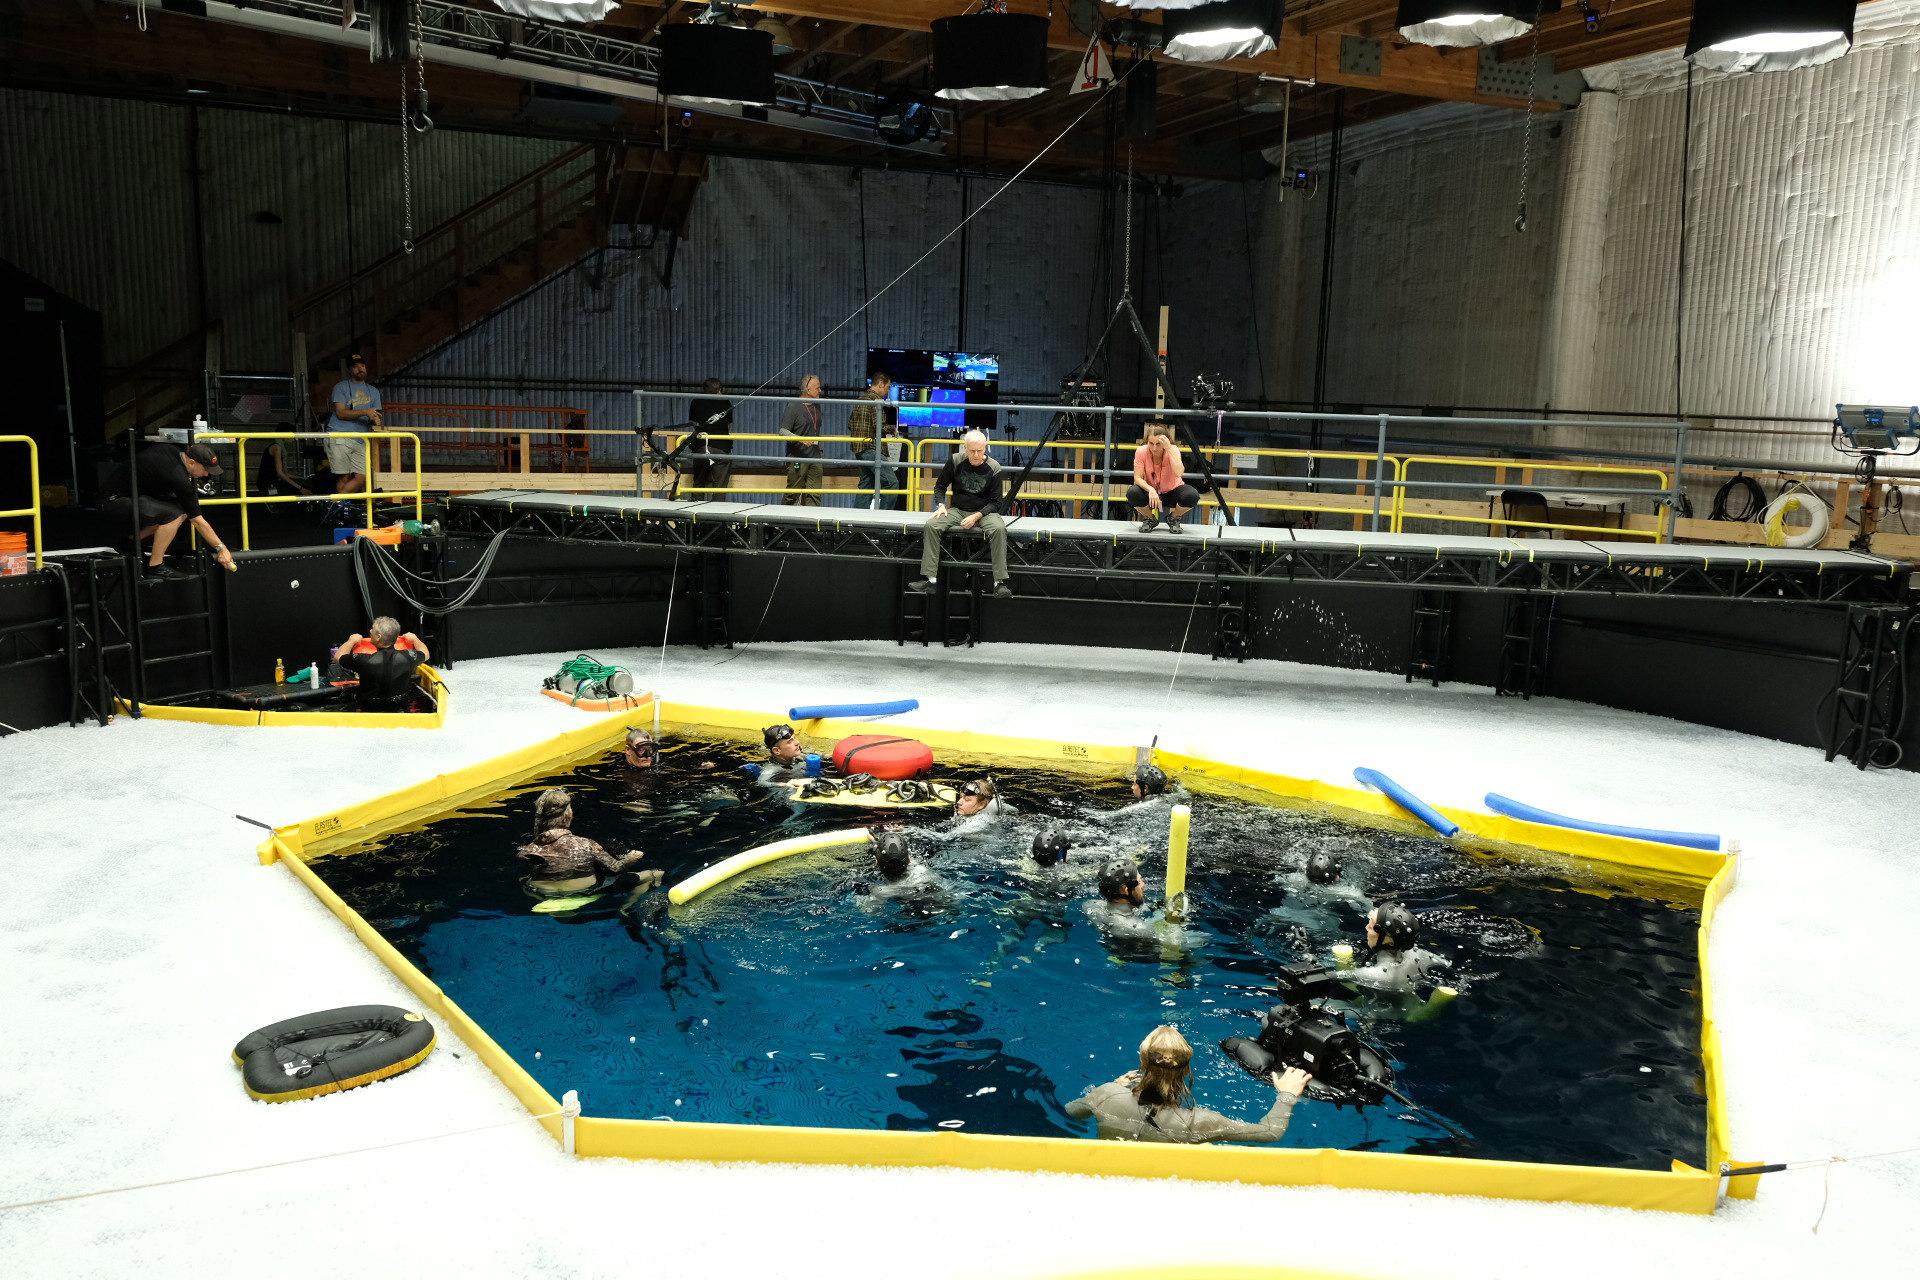 《阿凡达》4部续集总成本10亿美元 最后一部2027年上映